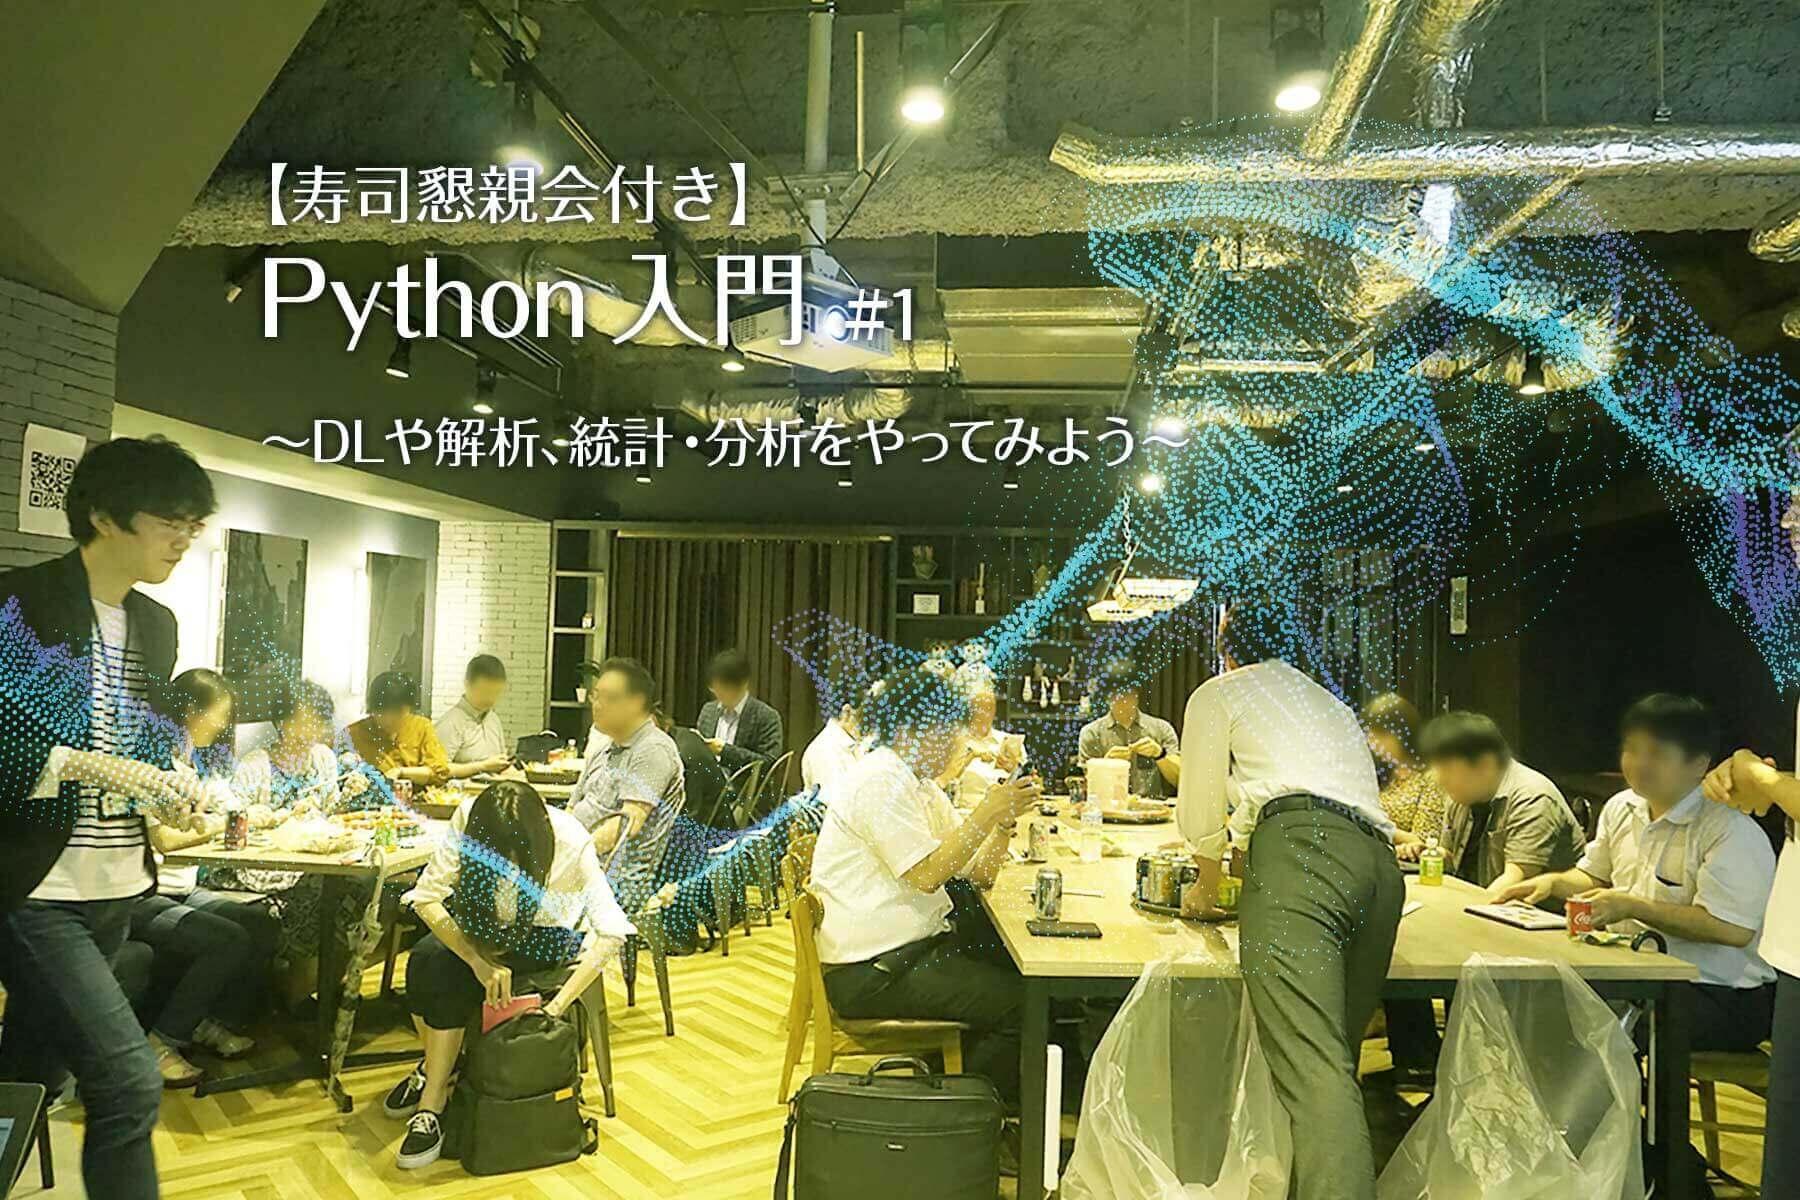 Tech LT会を実施:【寿司懇親会付き】Python入門〜DLや解析、統計・分析をやってみよう~#1